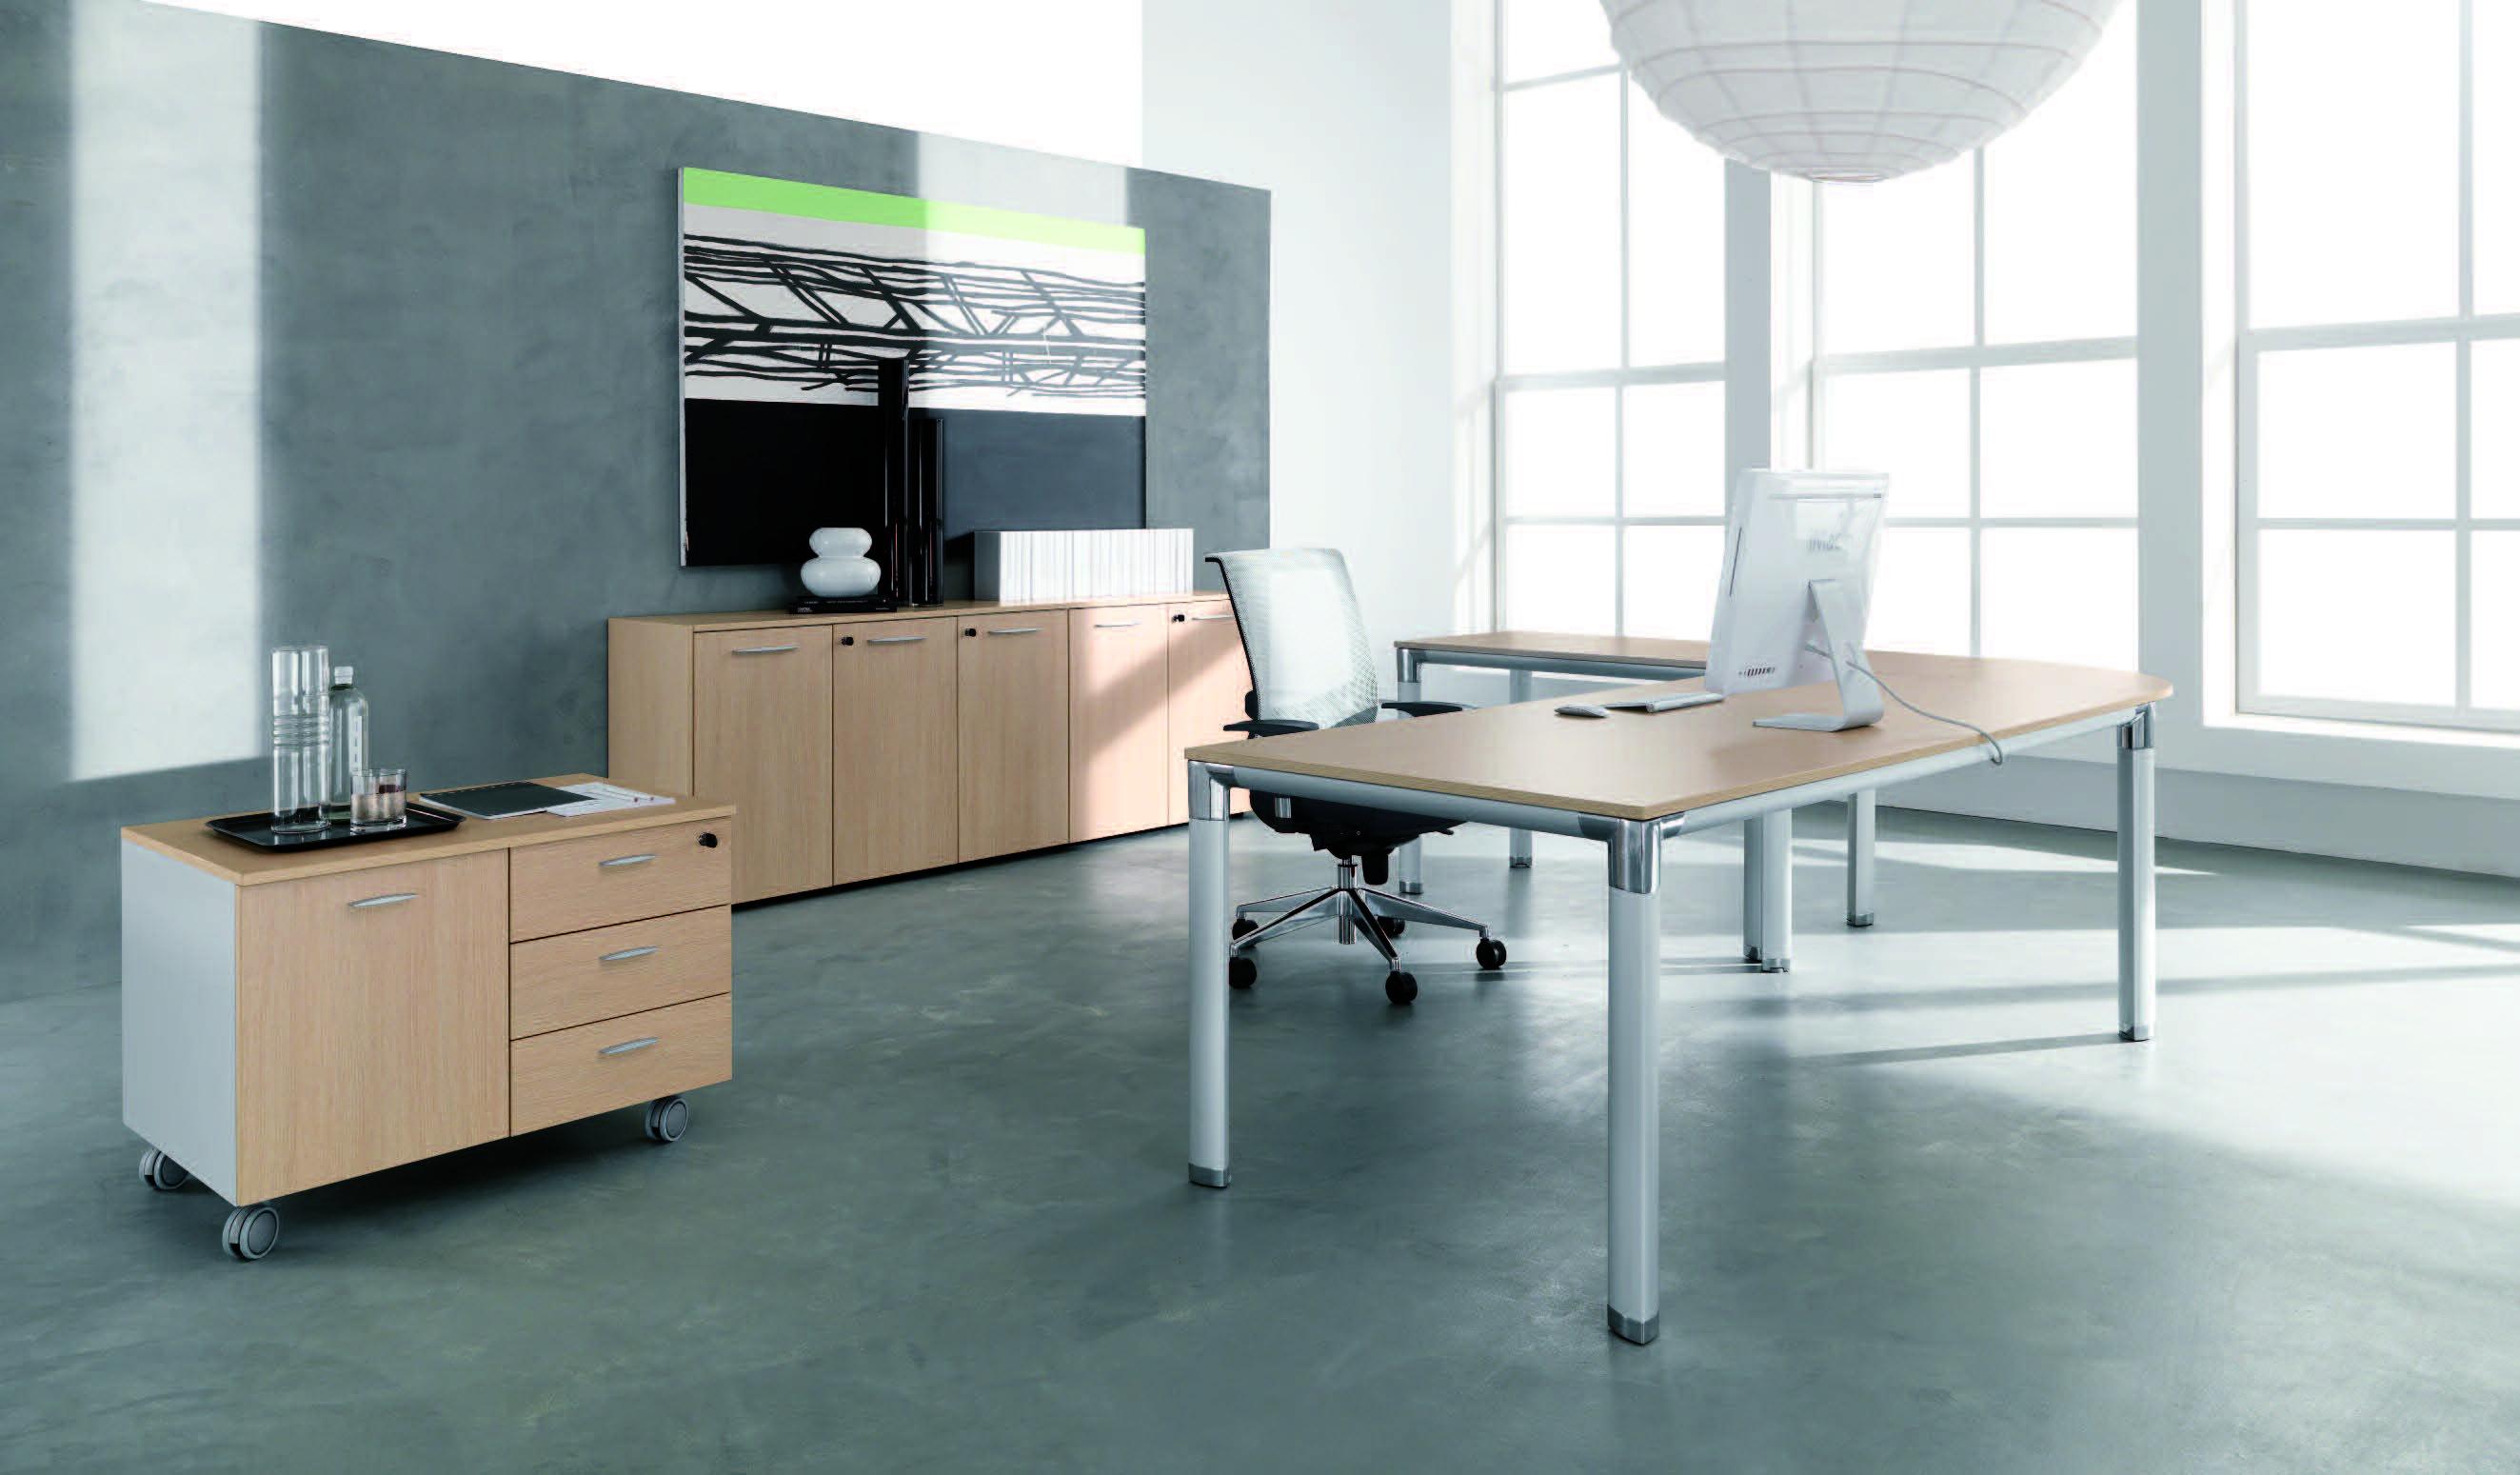 Mobili per ufficio napoli ~ design casa creativa e mobili ispiratori